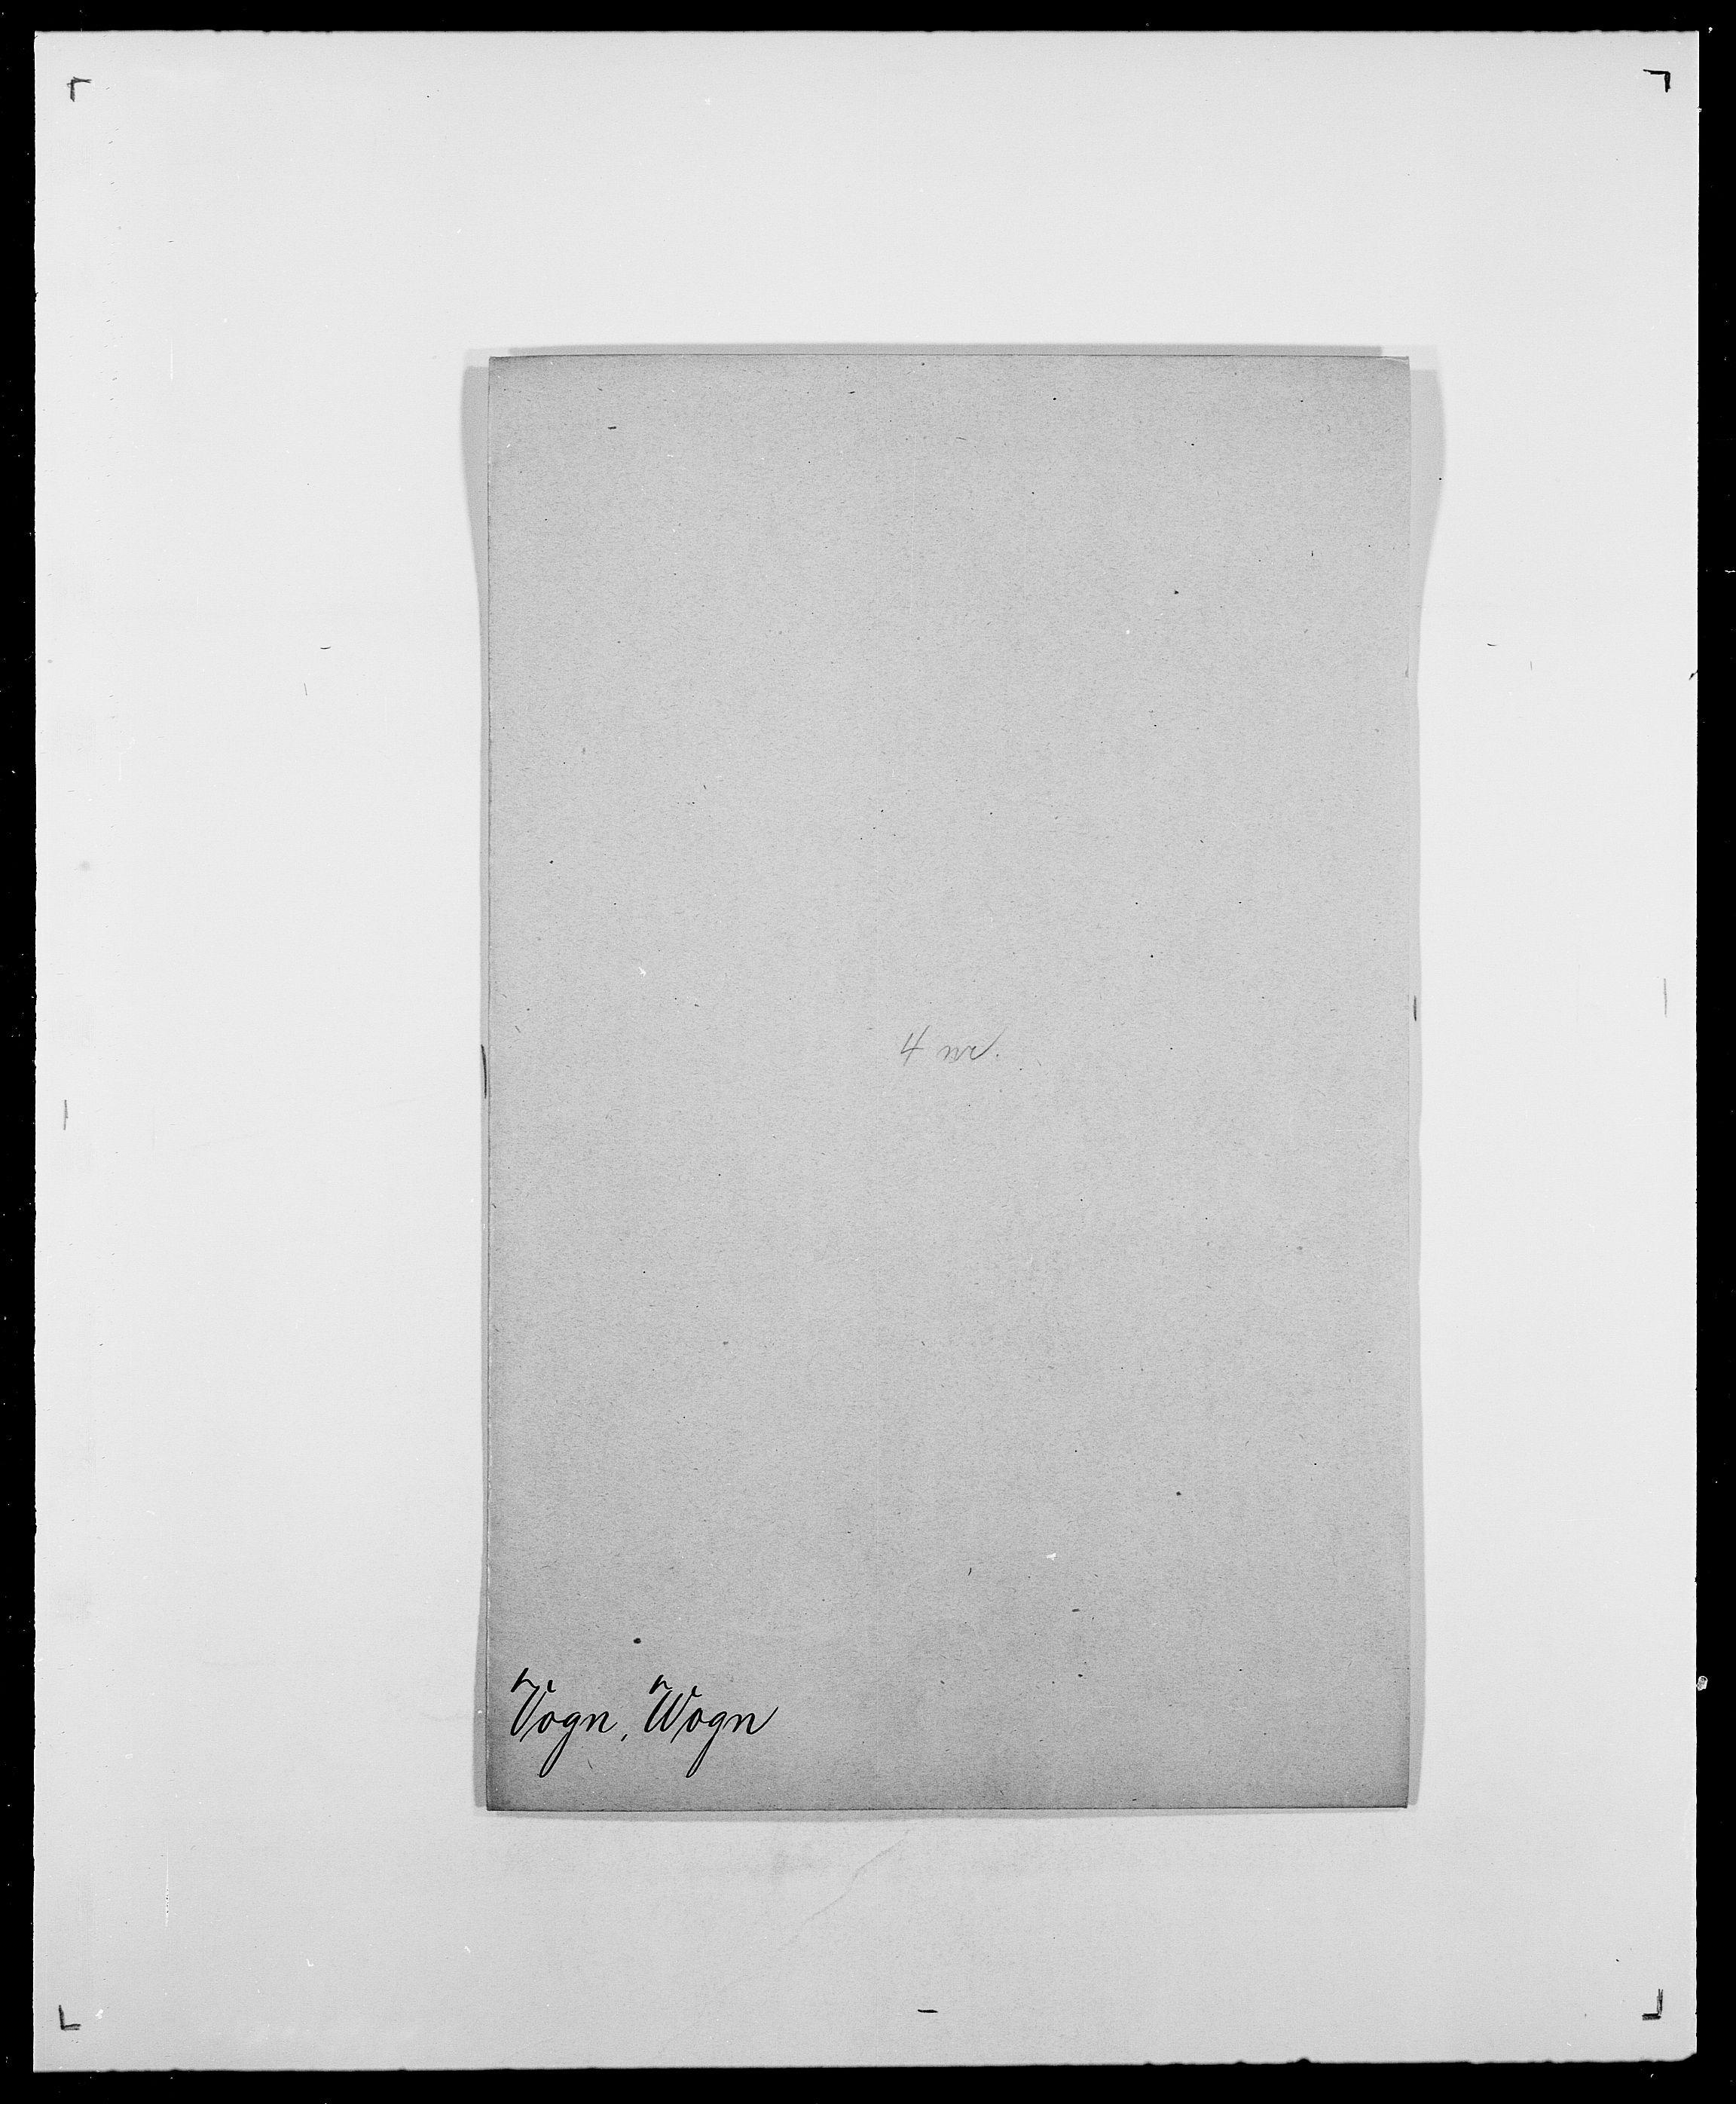 SAO, Delgobe, Charles Antoine - samling, D/Da/L0042: Vilain - Wulf, Wulff, se også Wolf, s. 539